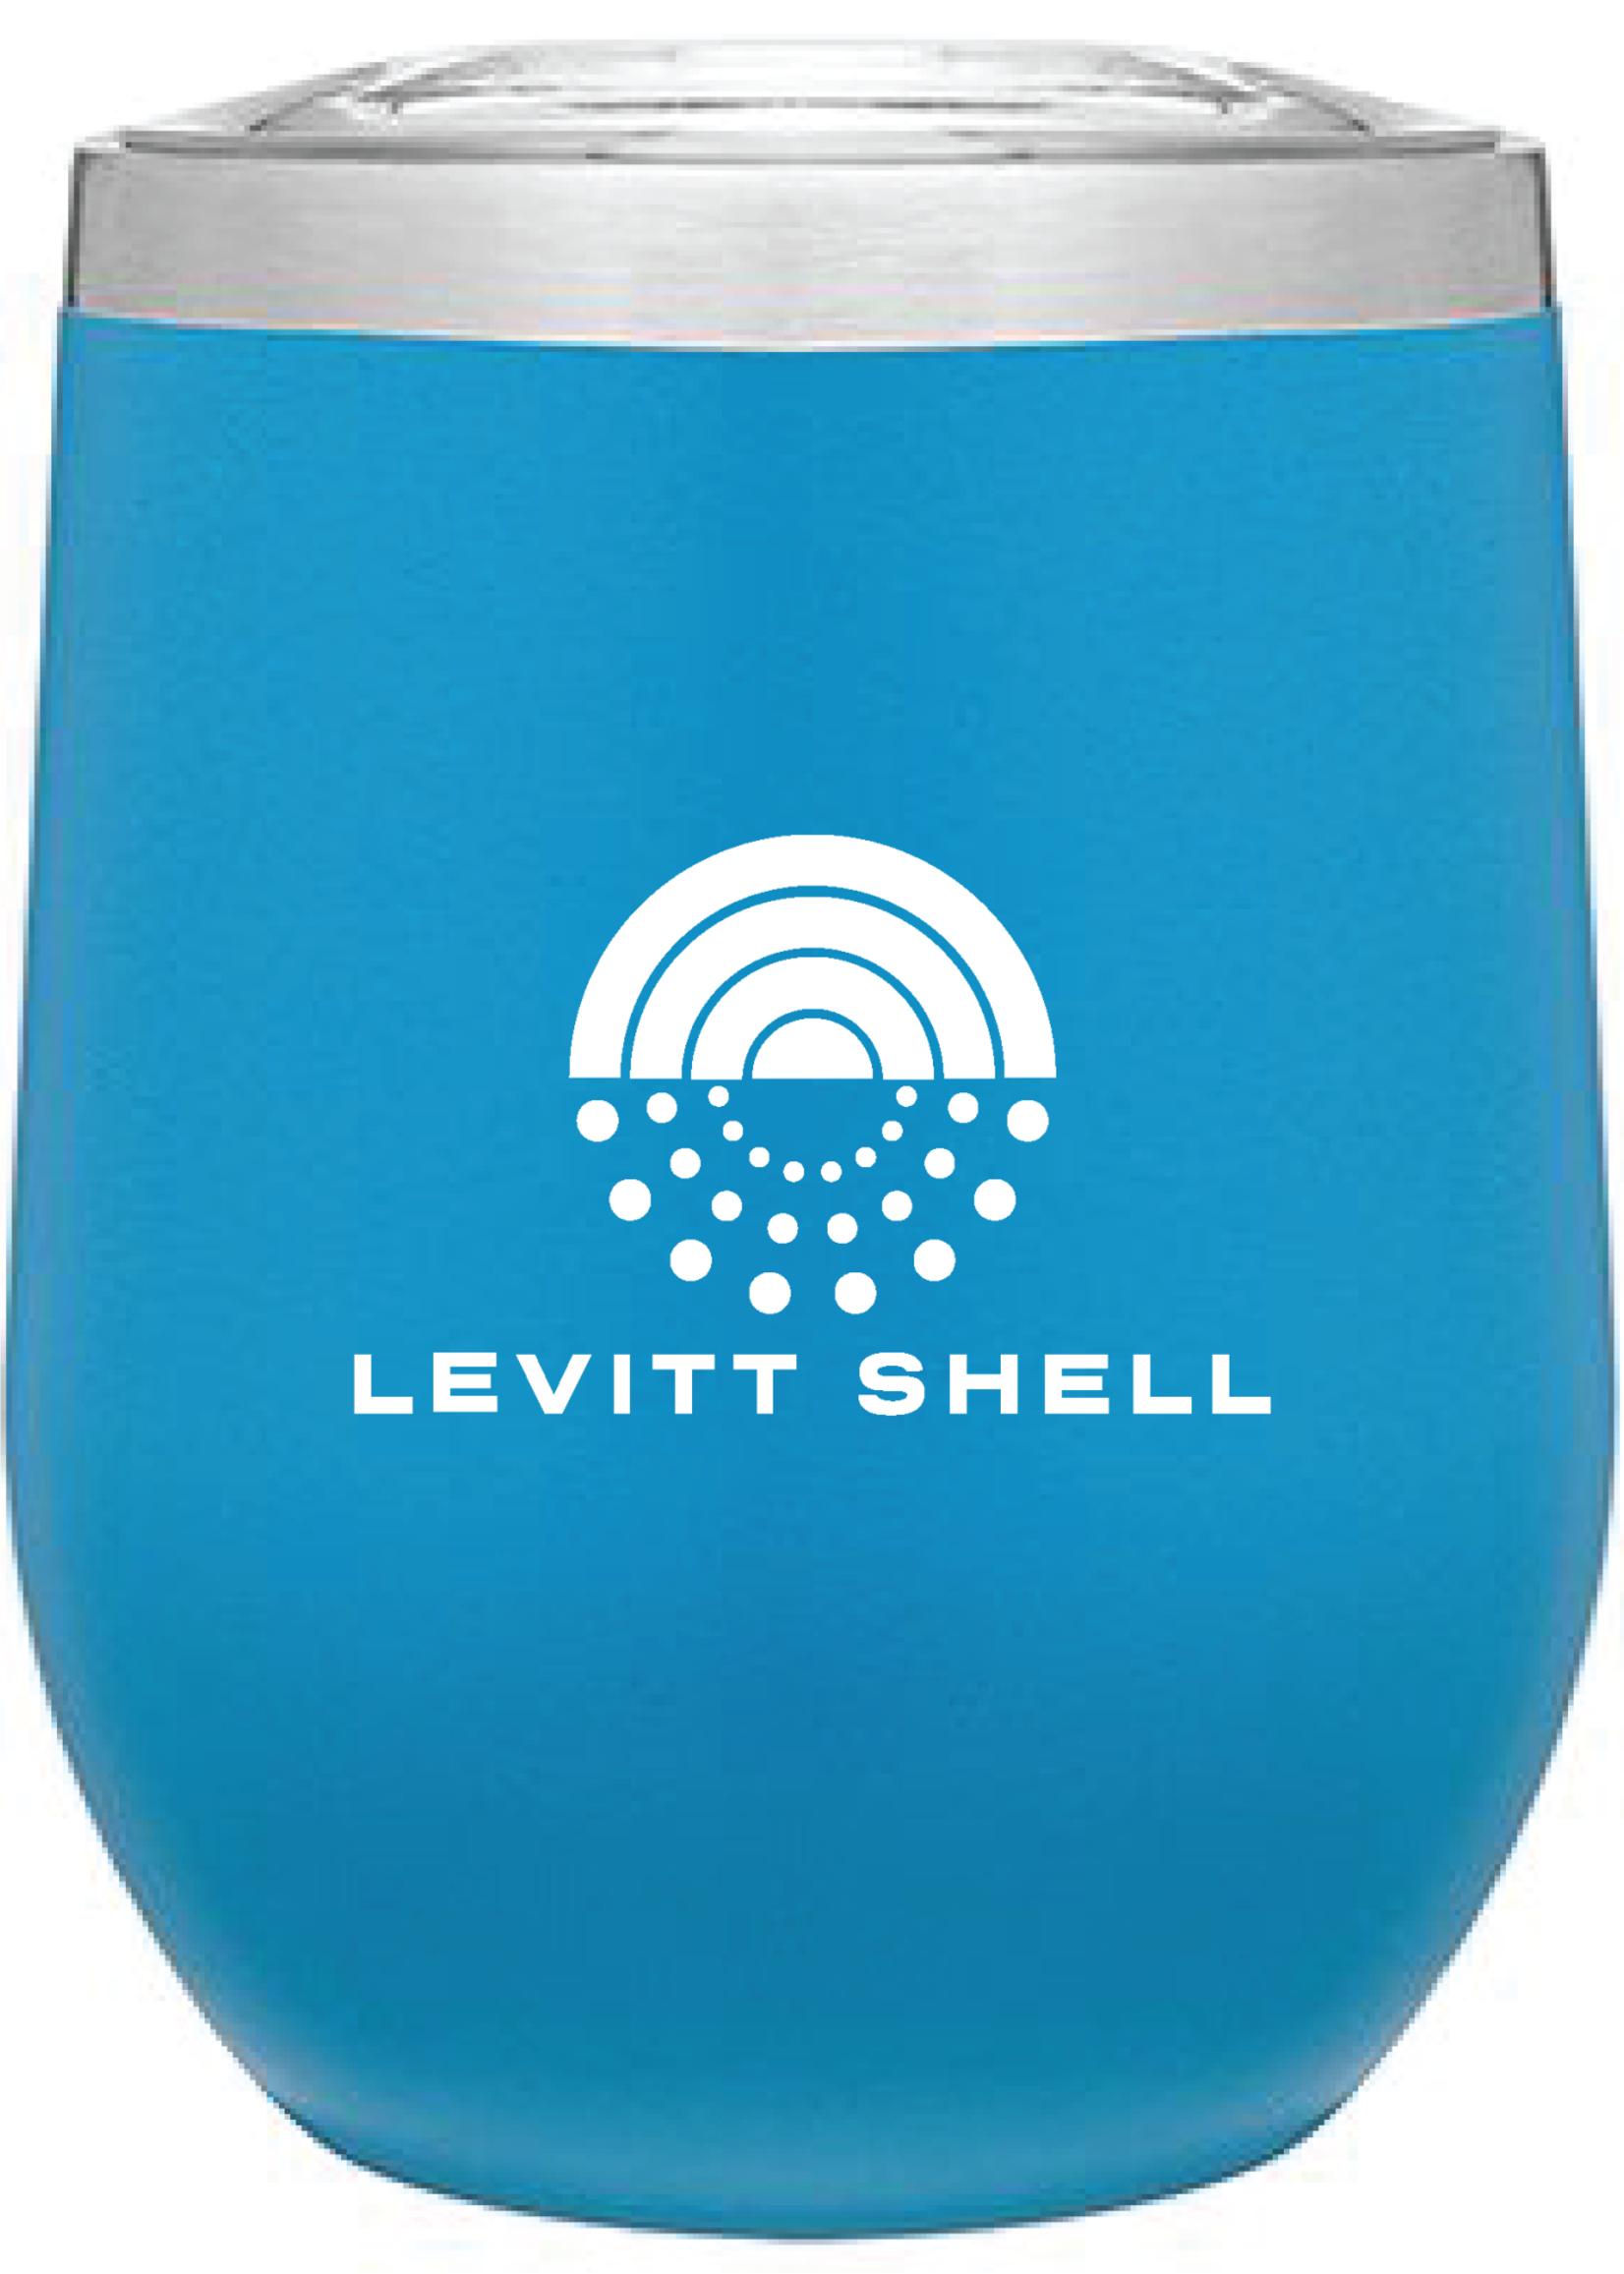 Levitt Shell Levitt Shell 12oz Wine Tumbler